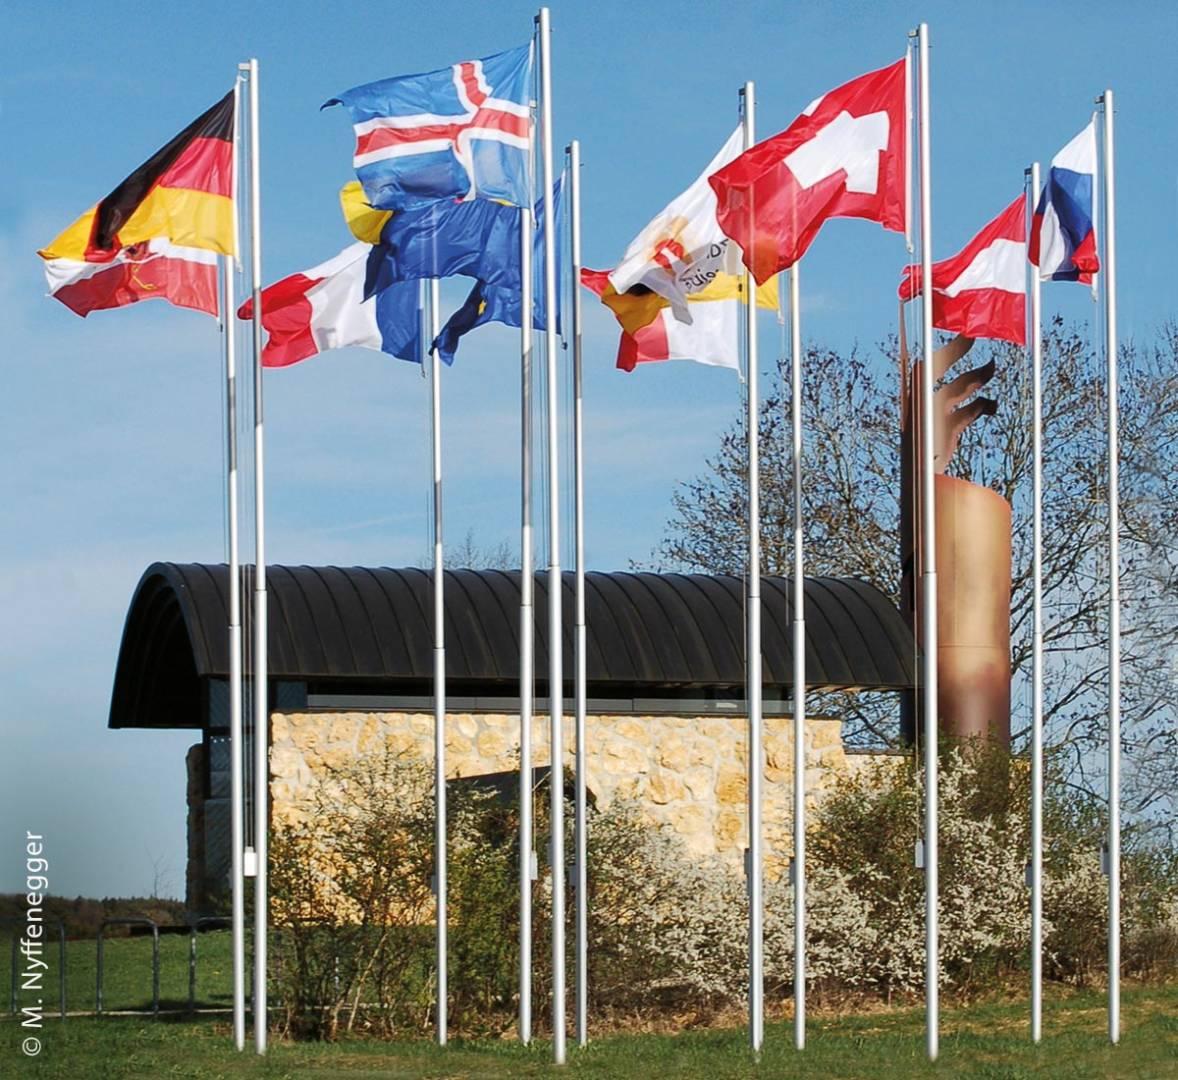 Die Wallfahrtskapelle mit Fahnen aus zwölf europäischen Ländern